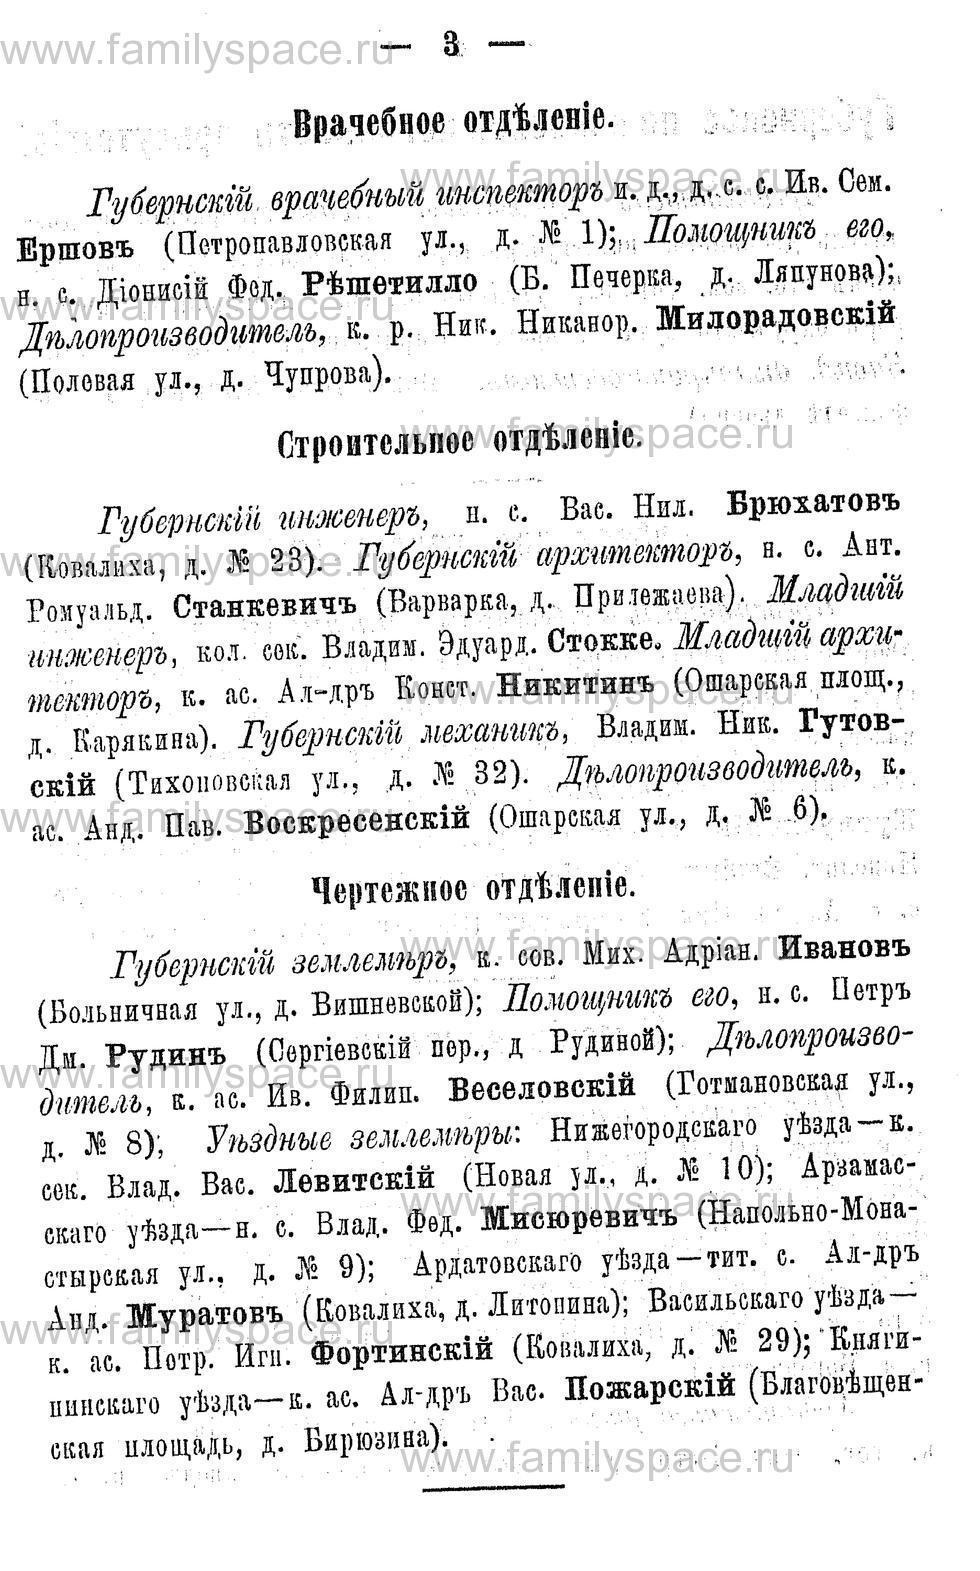 Поиск по фамилии - Адрес-календарь Нижегородской губернии на 1891 год, страница 3